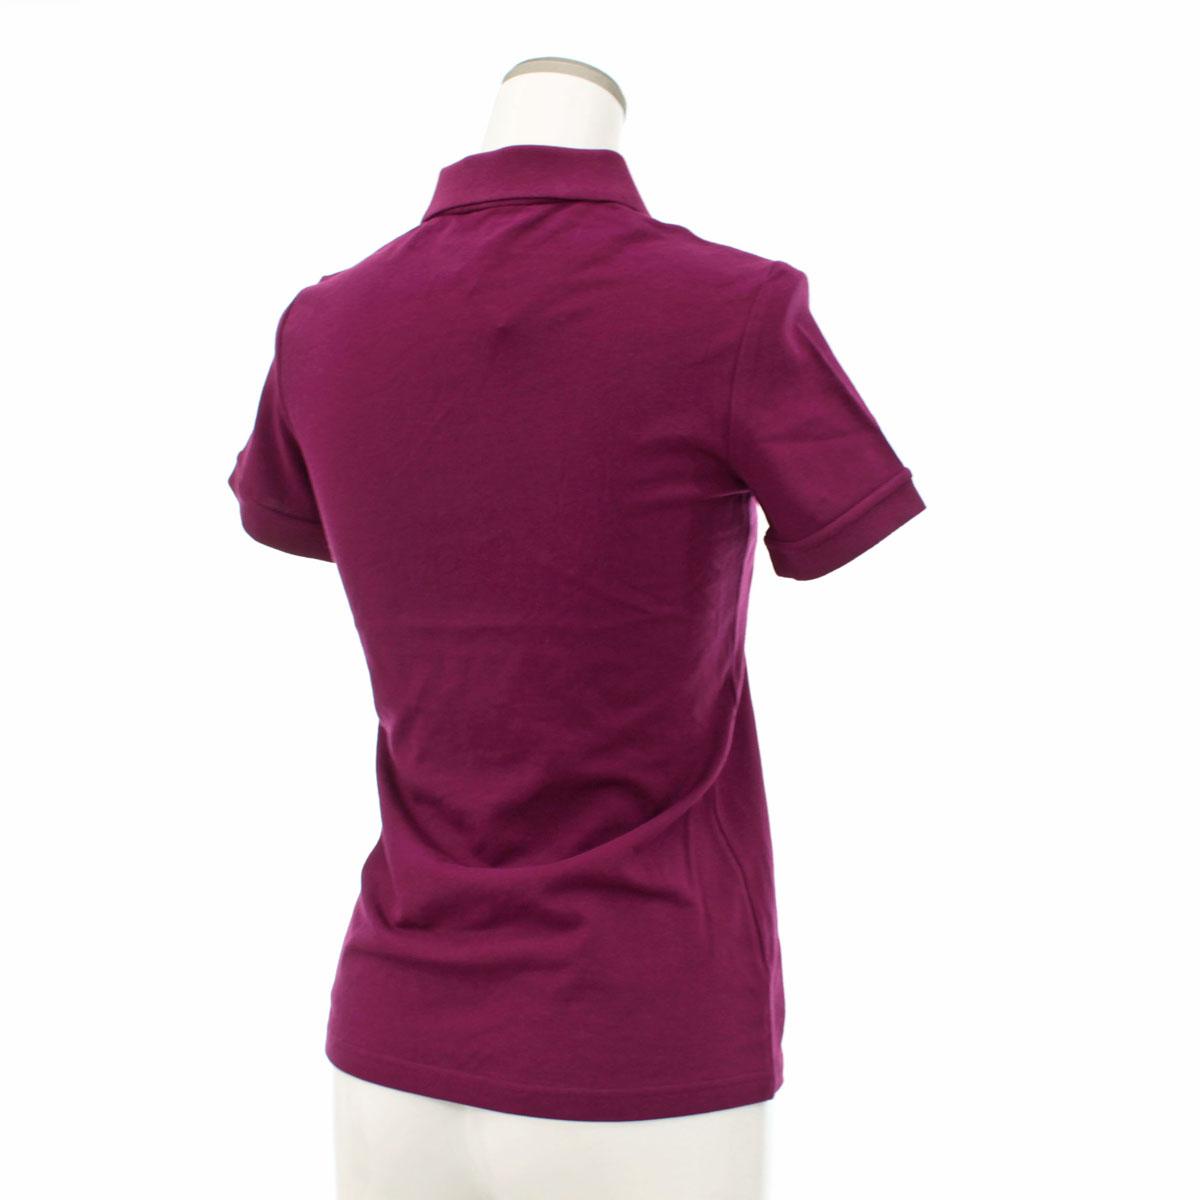 未使用品 BURBERRY LONDON バーバリー ロンドン 半袖ポロシャツ XSサイズpurple紫 パープル 鹿の子 レディース トップスWYD92EeHI